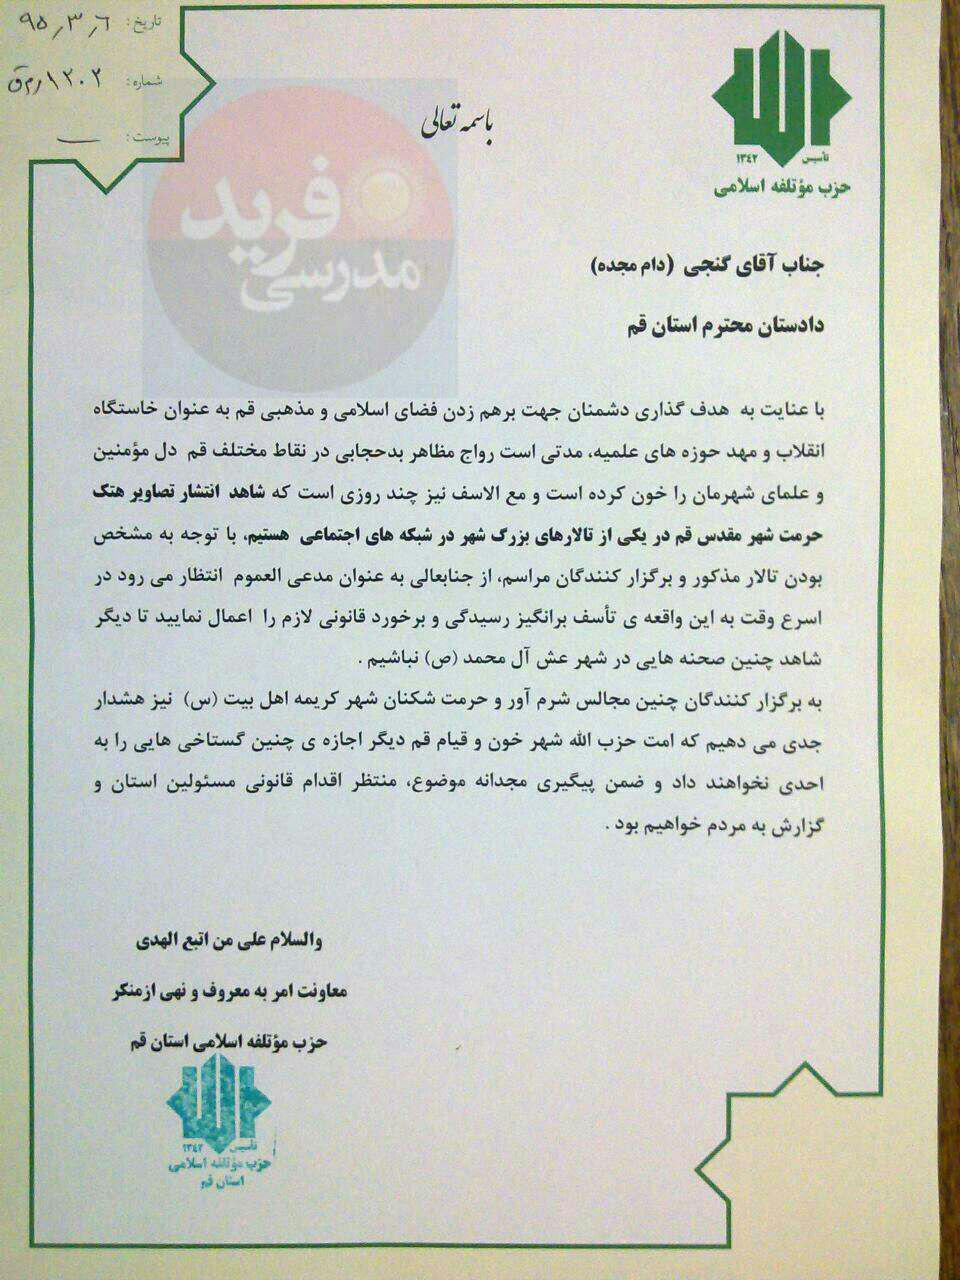 نامه حزب موتلفه علیه یک عروسی (+عکس)